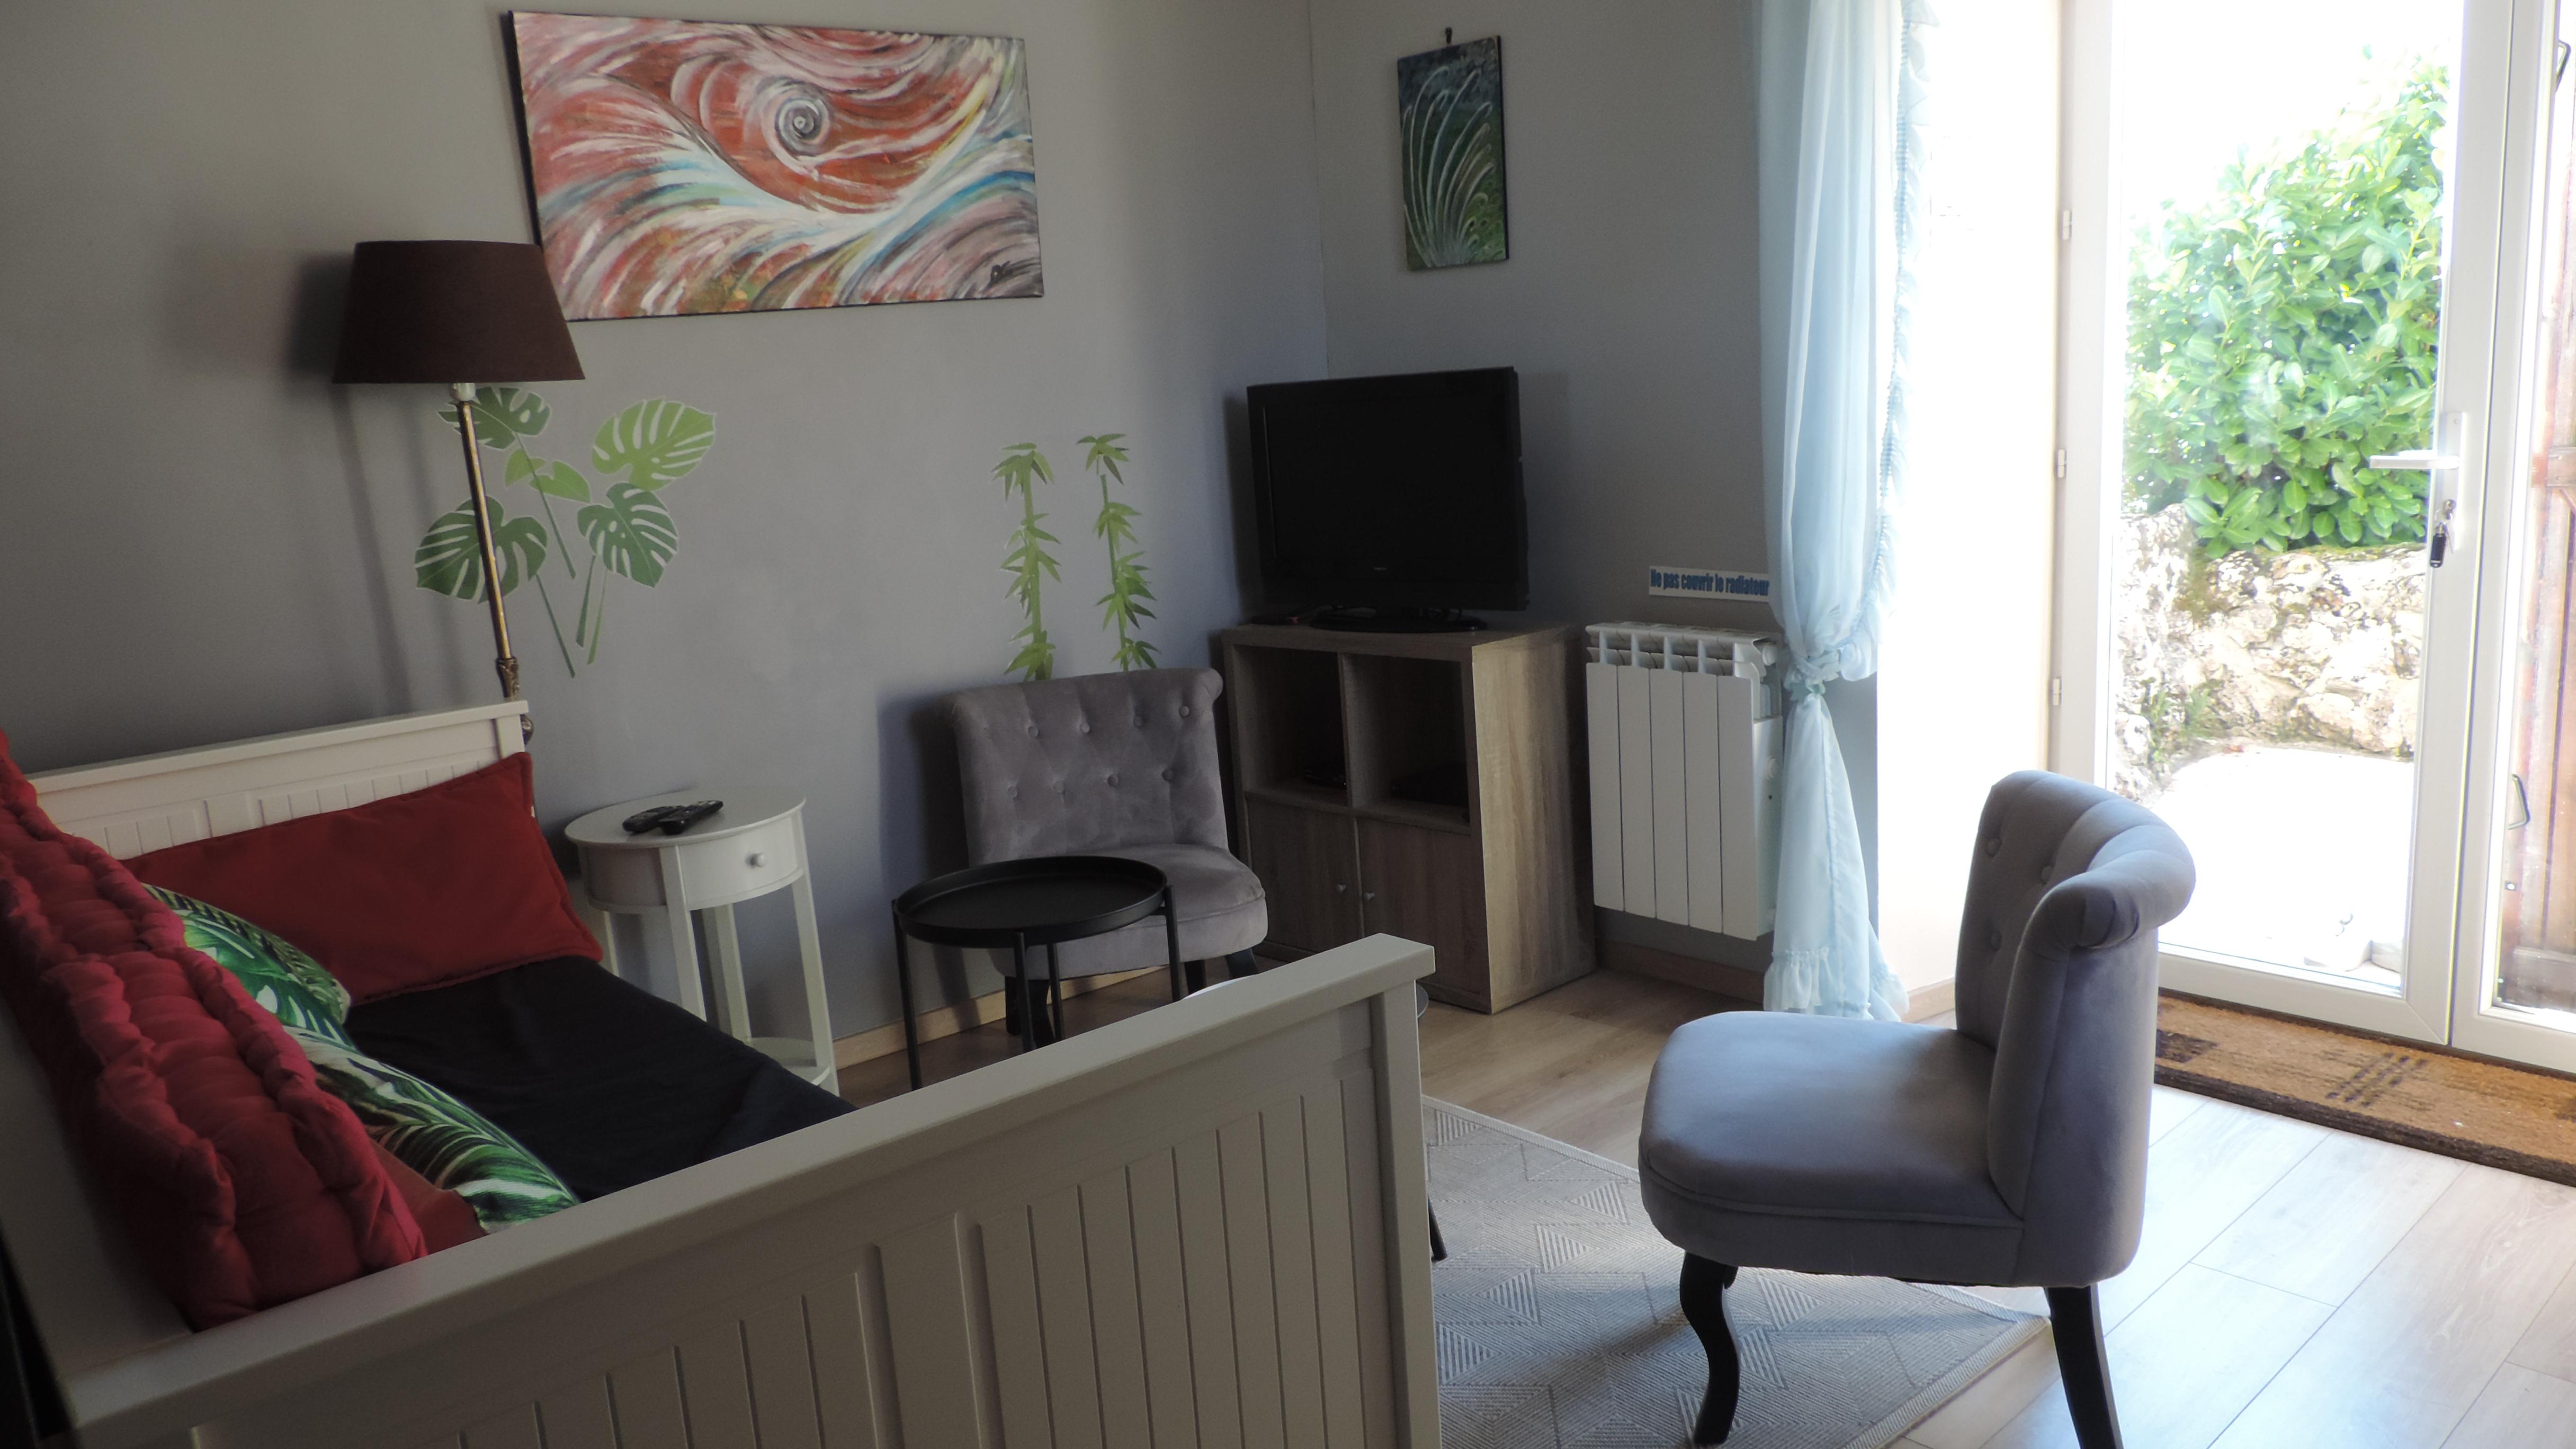 Un salon télé cosy et fauteuils - Mas De Cascabel